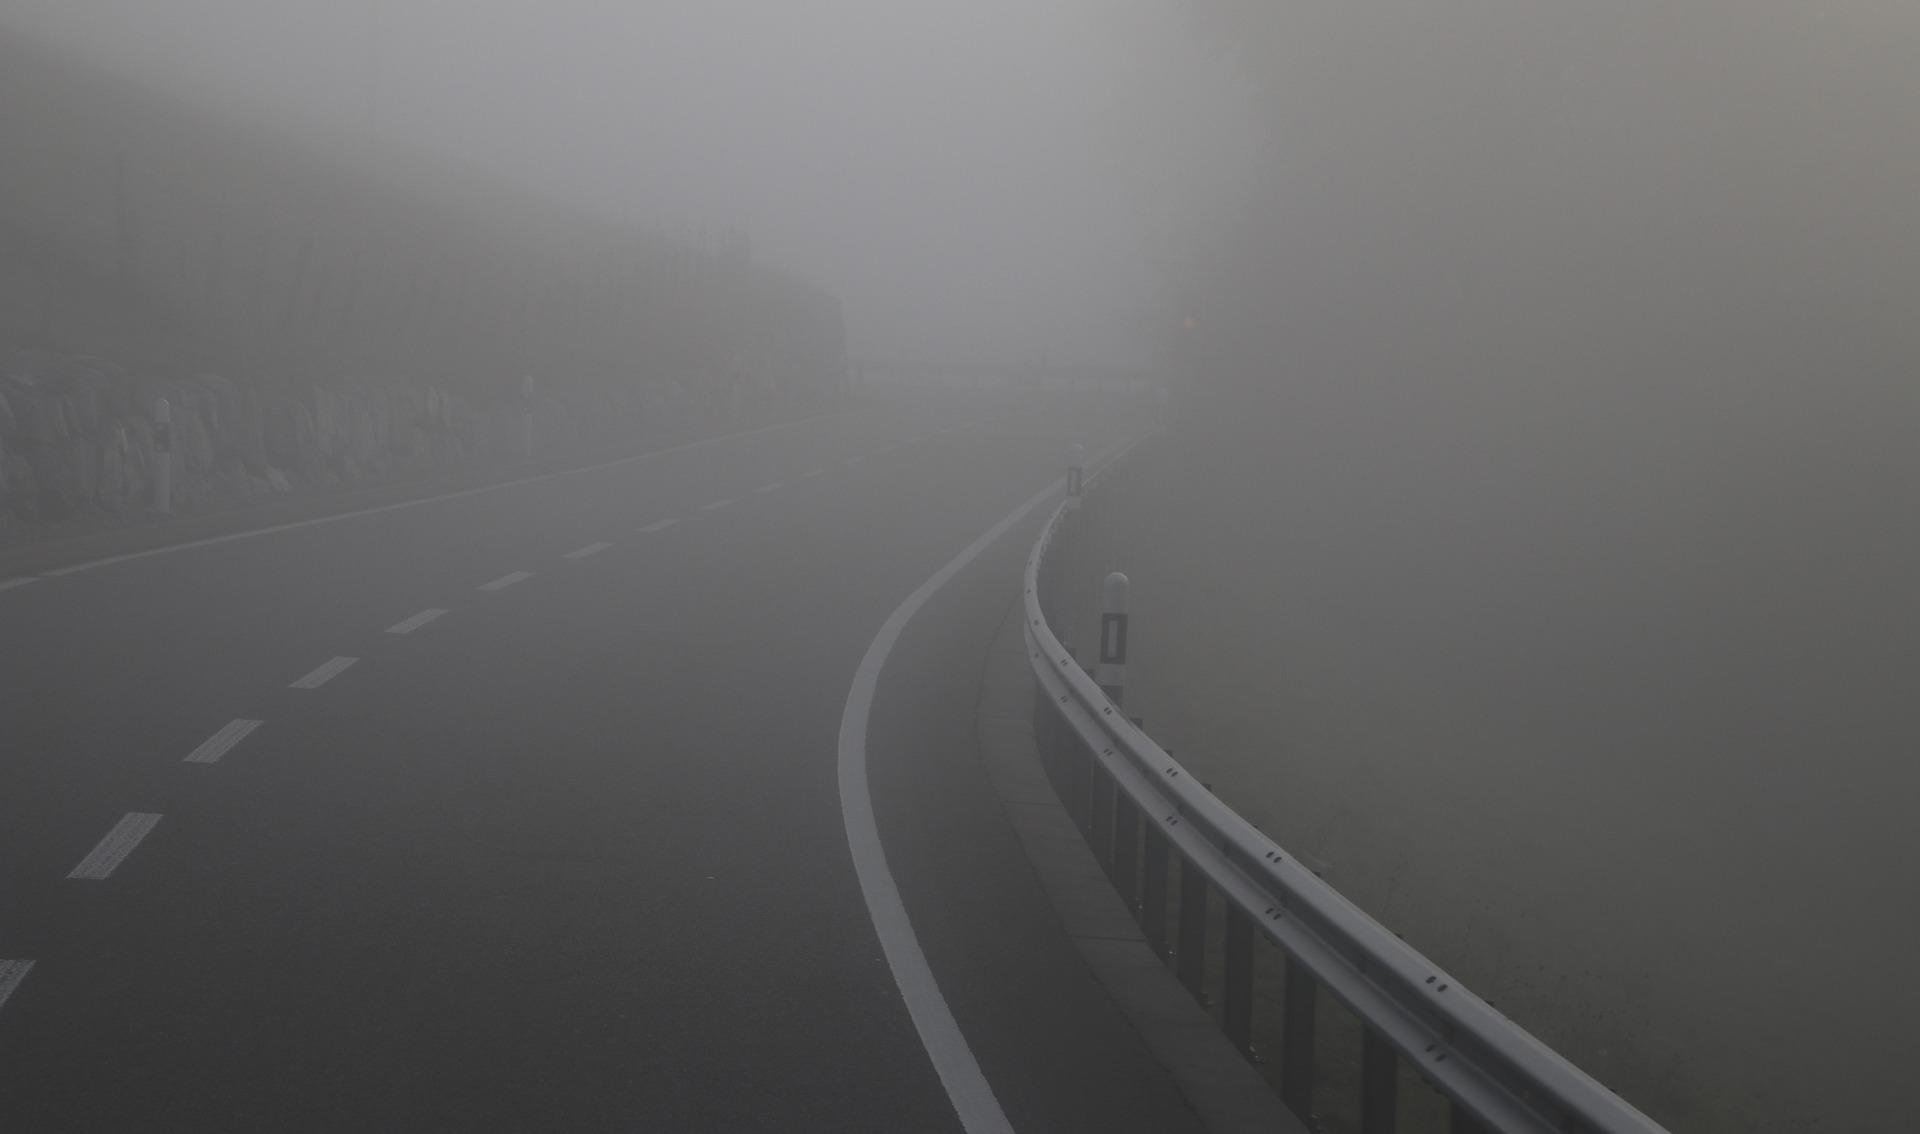 the-fog-3738766_1920.jpg